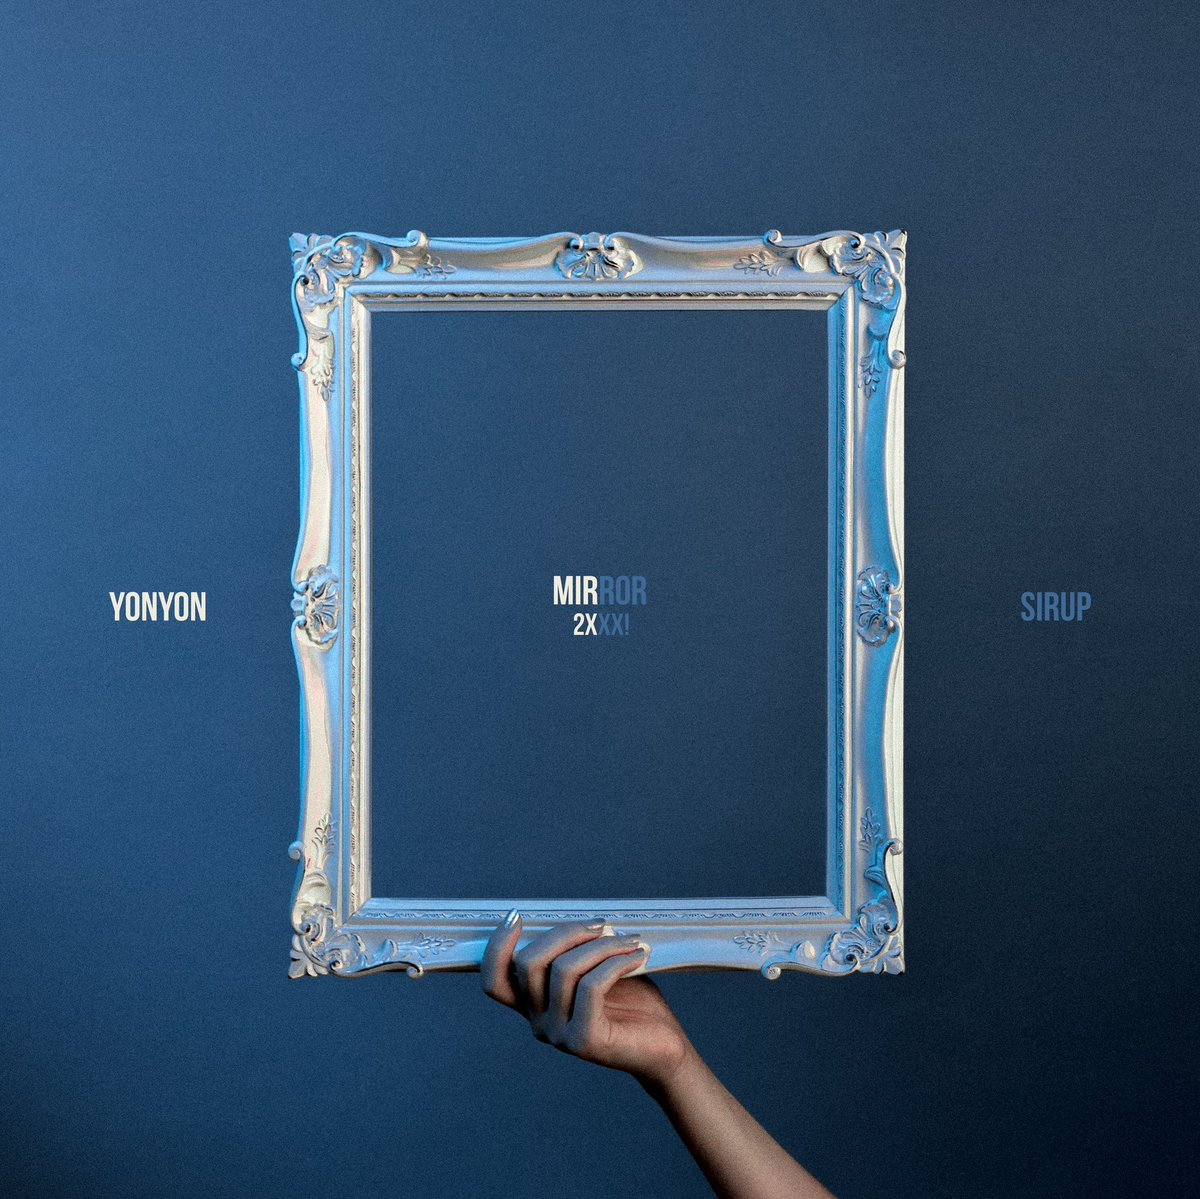 改めてMirror(選択)を生BANDをバックにZeppで歌う日が来るとは😚SIRUPと、サポートメンバーの皆さんに感謝です👏素敵なアレンジをありがとう🔥もし初めての人がいたら😇YonYon x SIRUP: Mirror(選択) [Prod. by 2xxx!]🔹Spotify🔸Apple Music